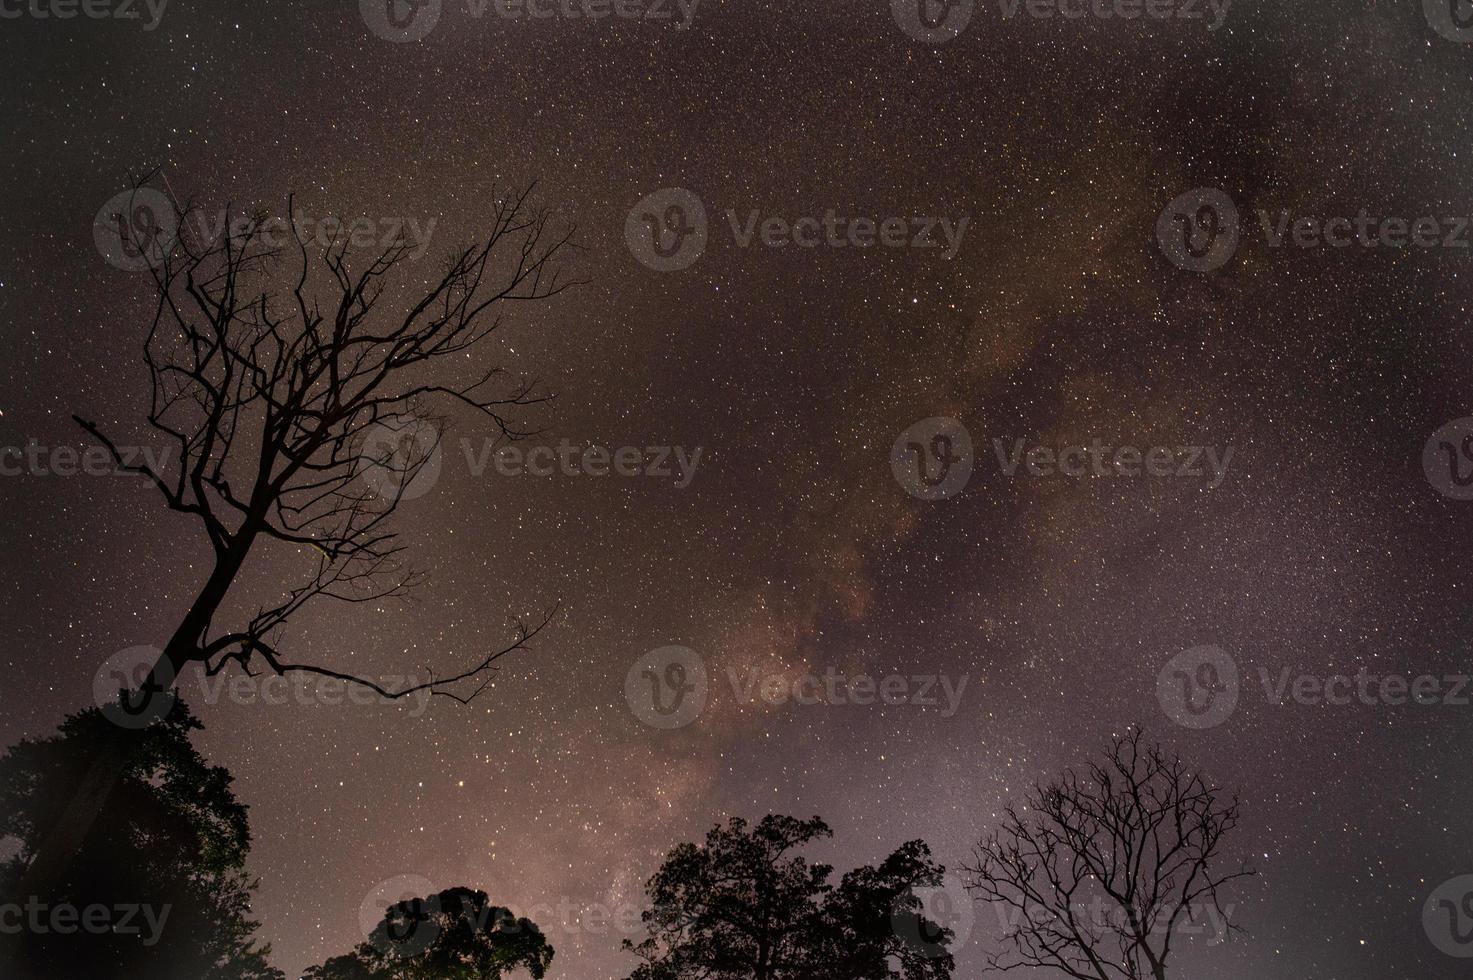 astrofotografie ster paden met droge boom over bos. foto